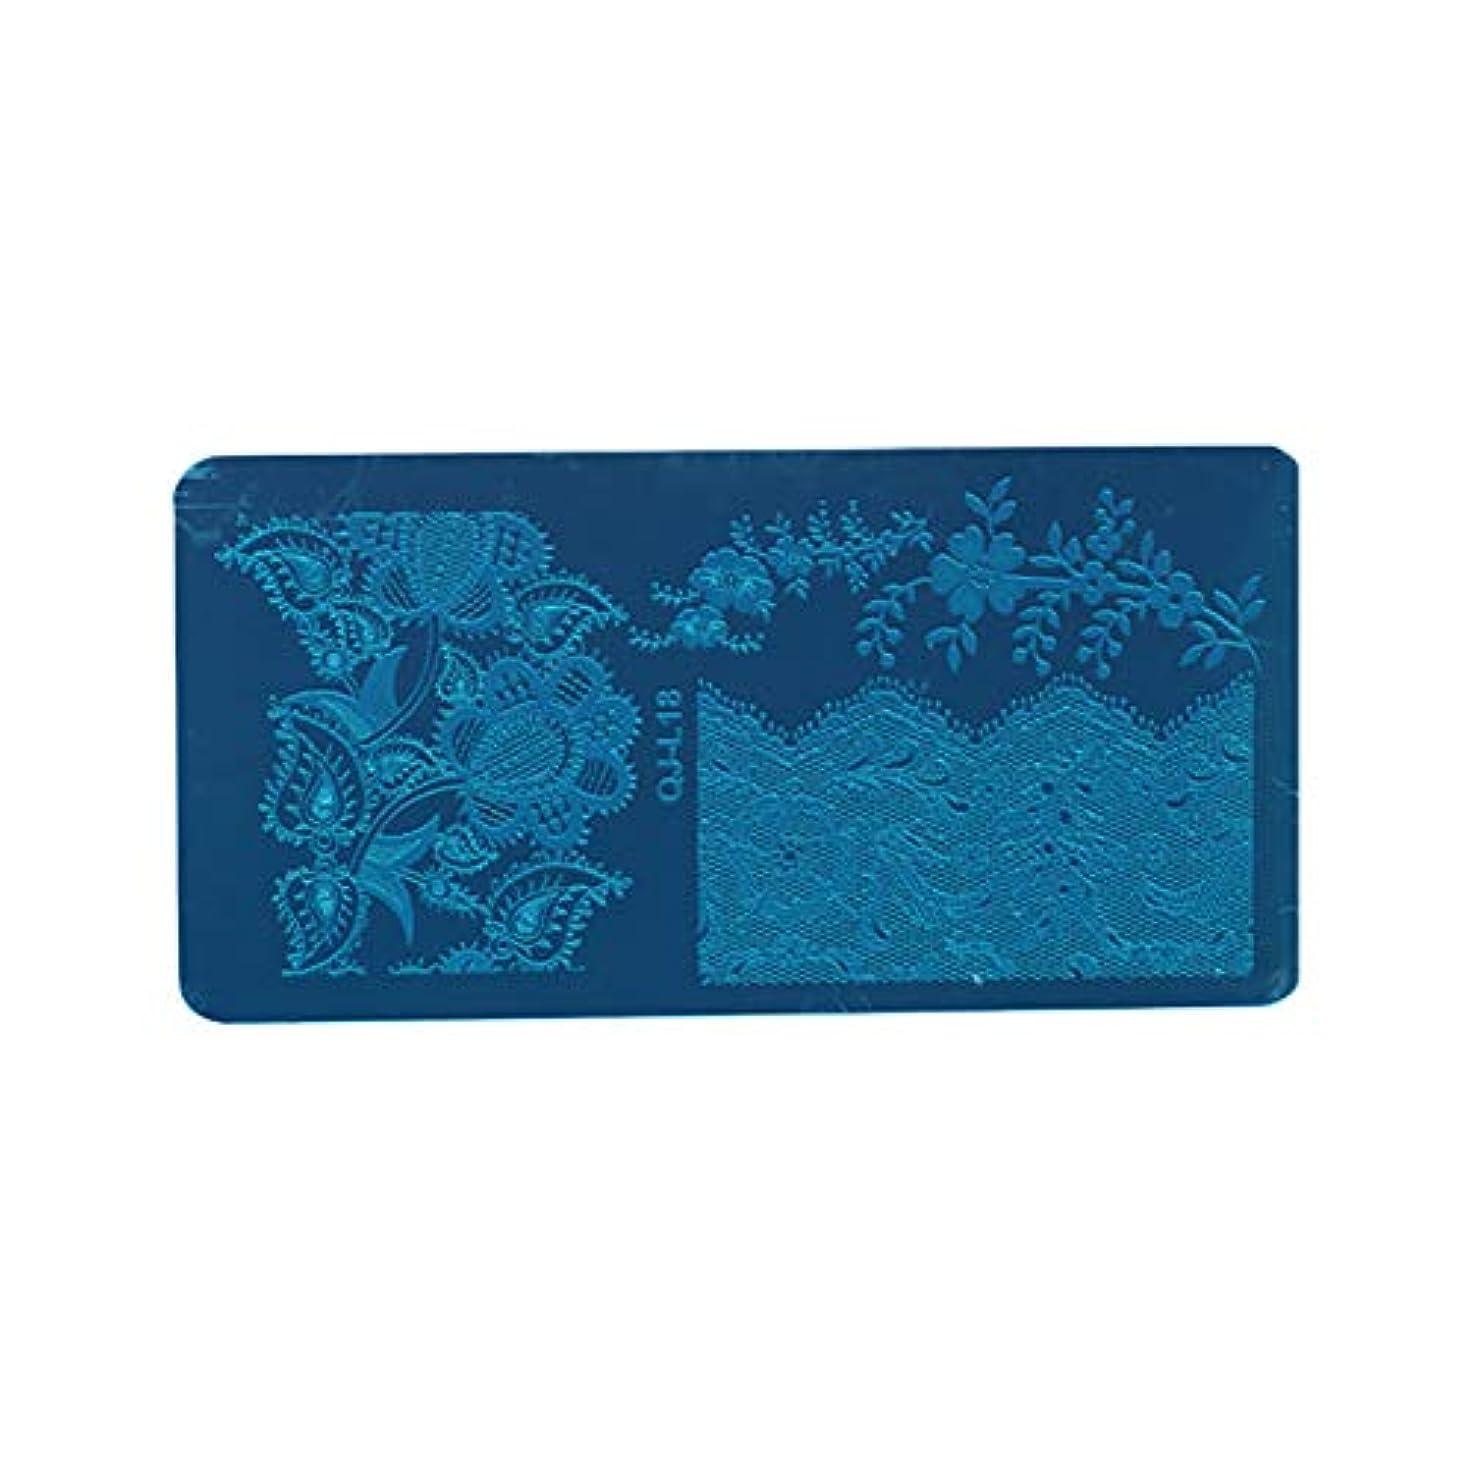 キルス絶え間ないクラスDigakdog ネイルイメージプレート ヨーロッパ エレガント 花柄 スタンピングイメージプレート ネイルアートツール 家庭 ネイルサロン プレゼント 1枚